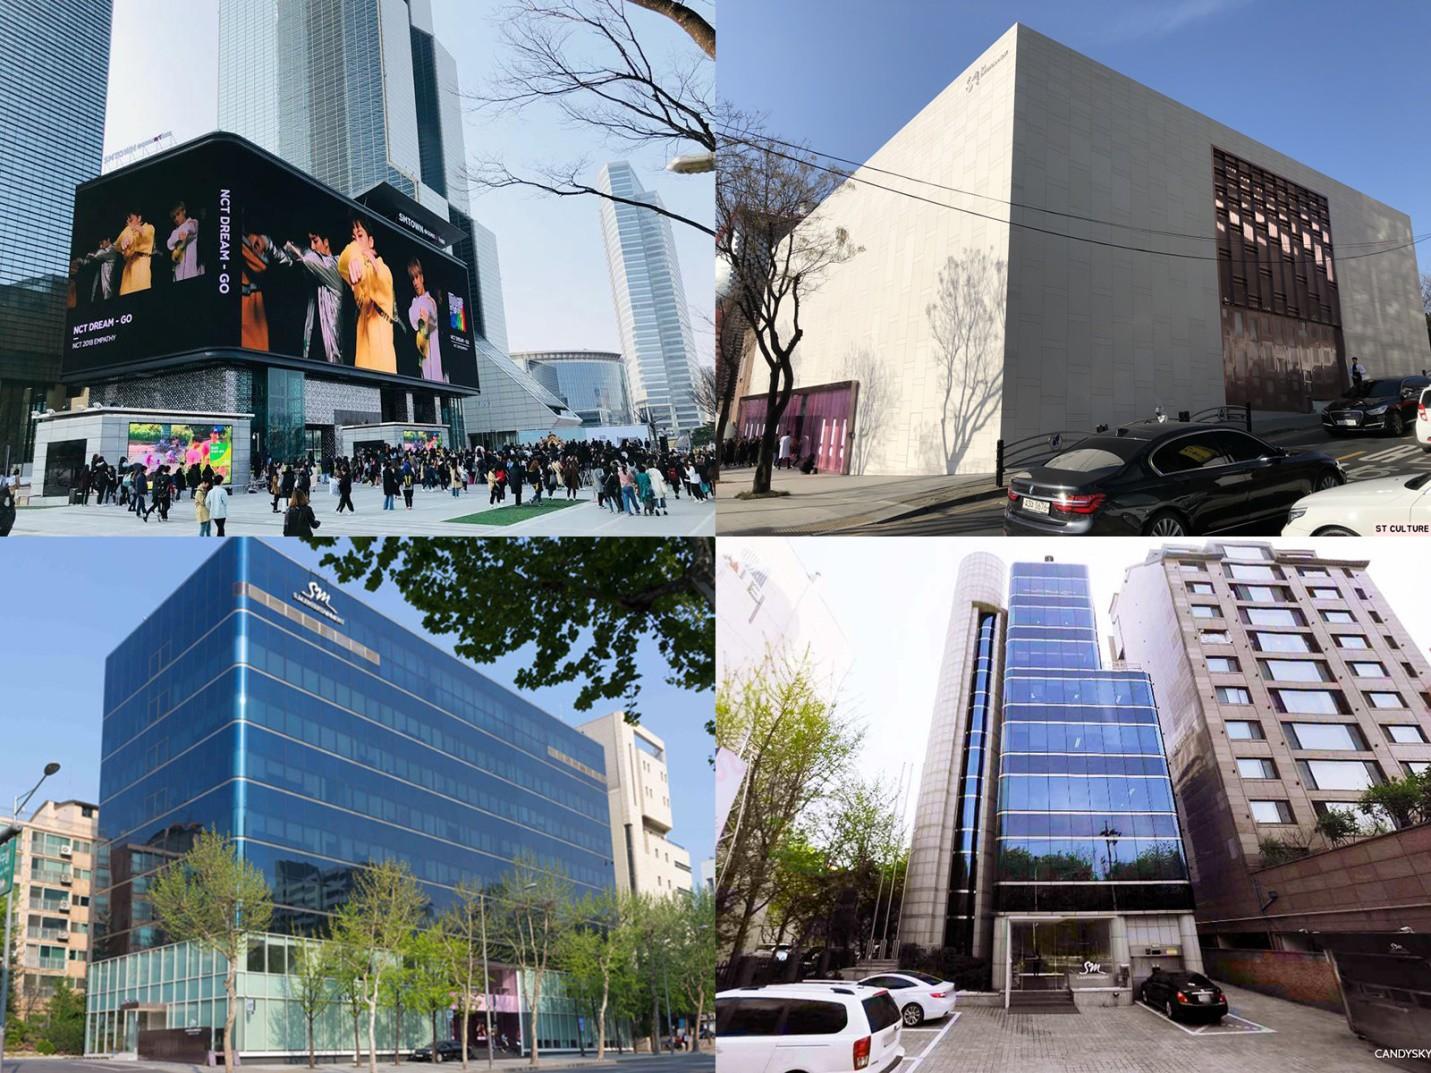 Điểm danh những điểm du lịch được fan Kpop yêu thích nhất Hàn Quốc - Ảnh 11.